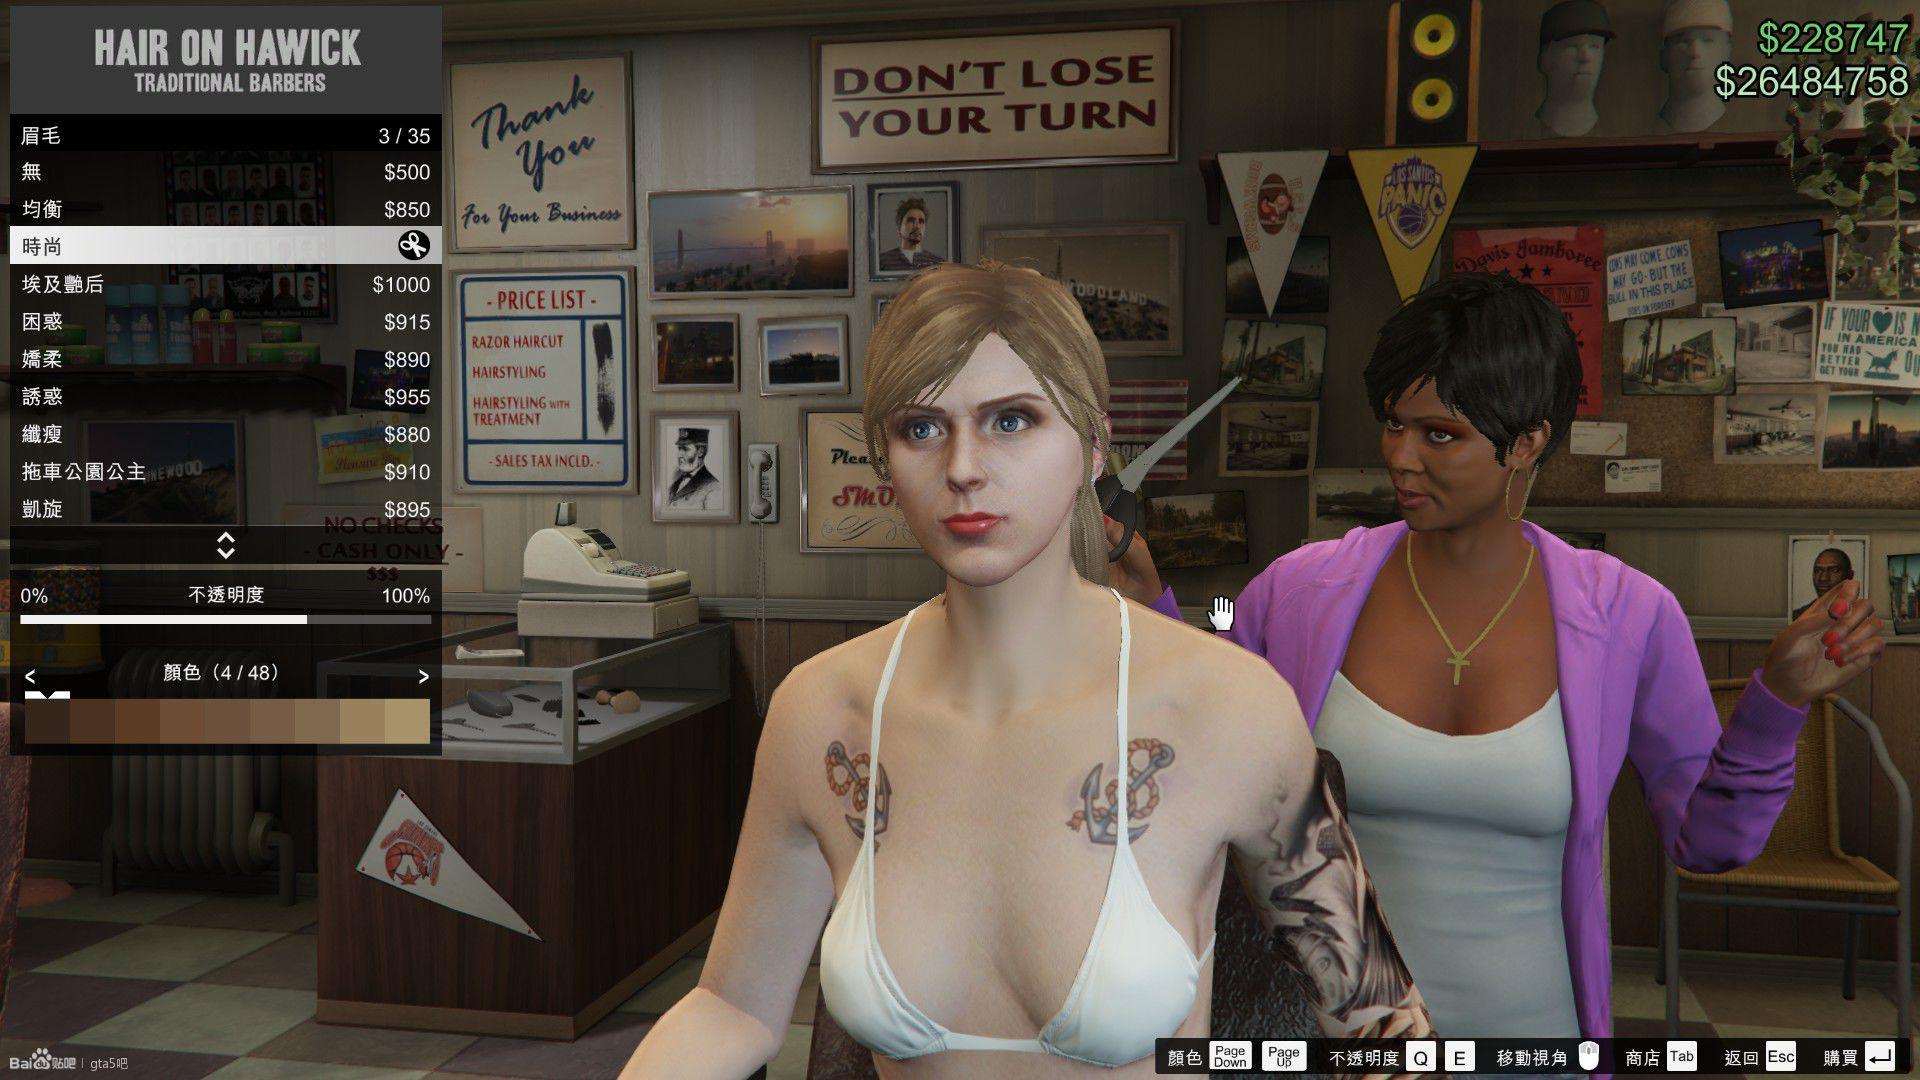 【捏脸】GTA5女角色捏脸数据插图(16)